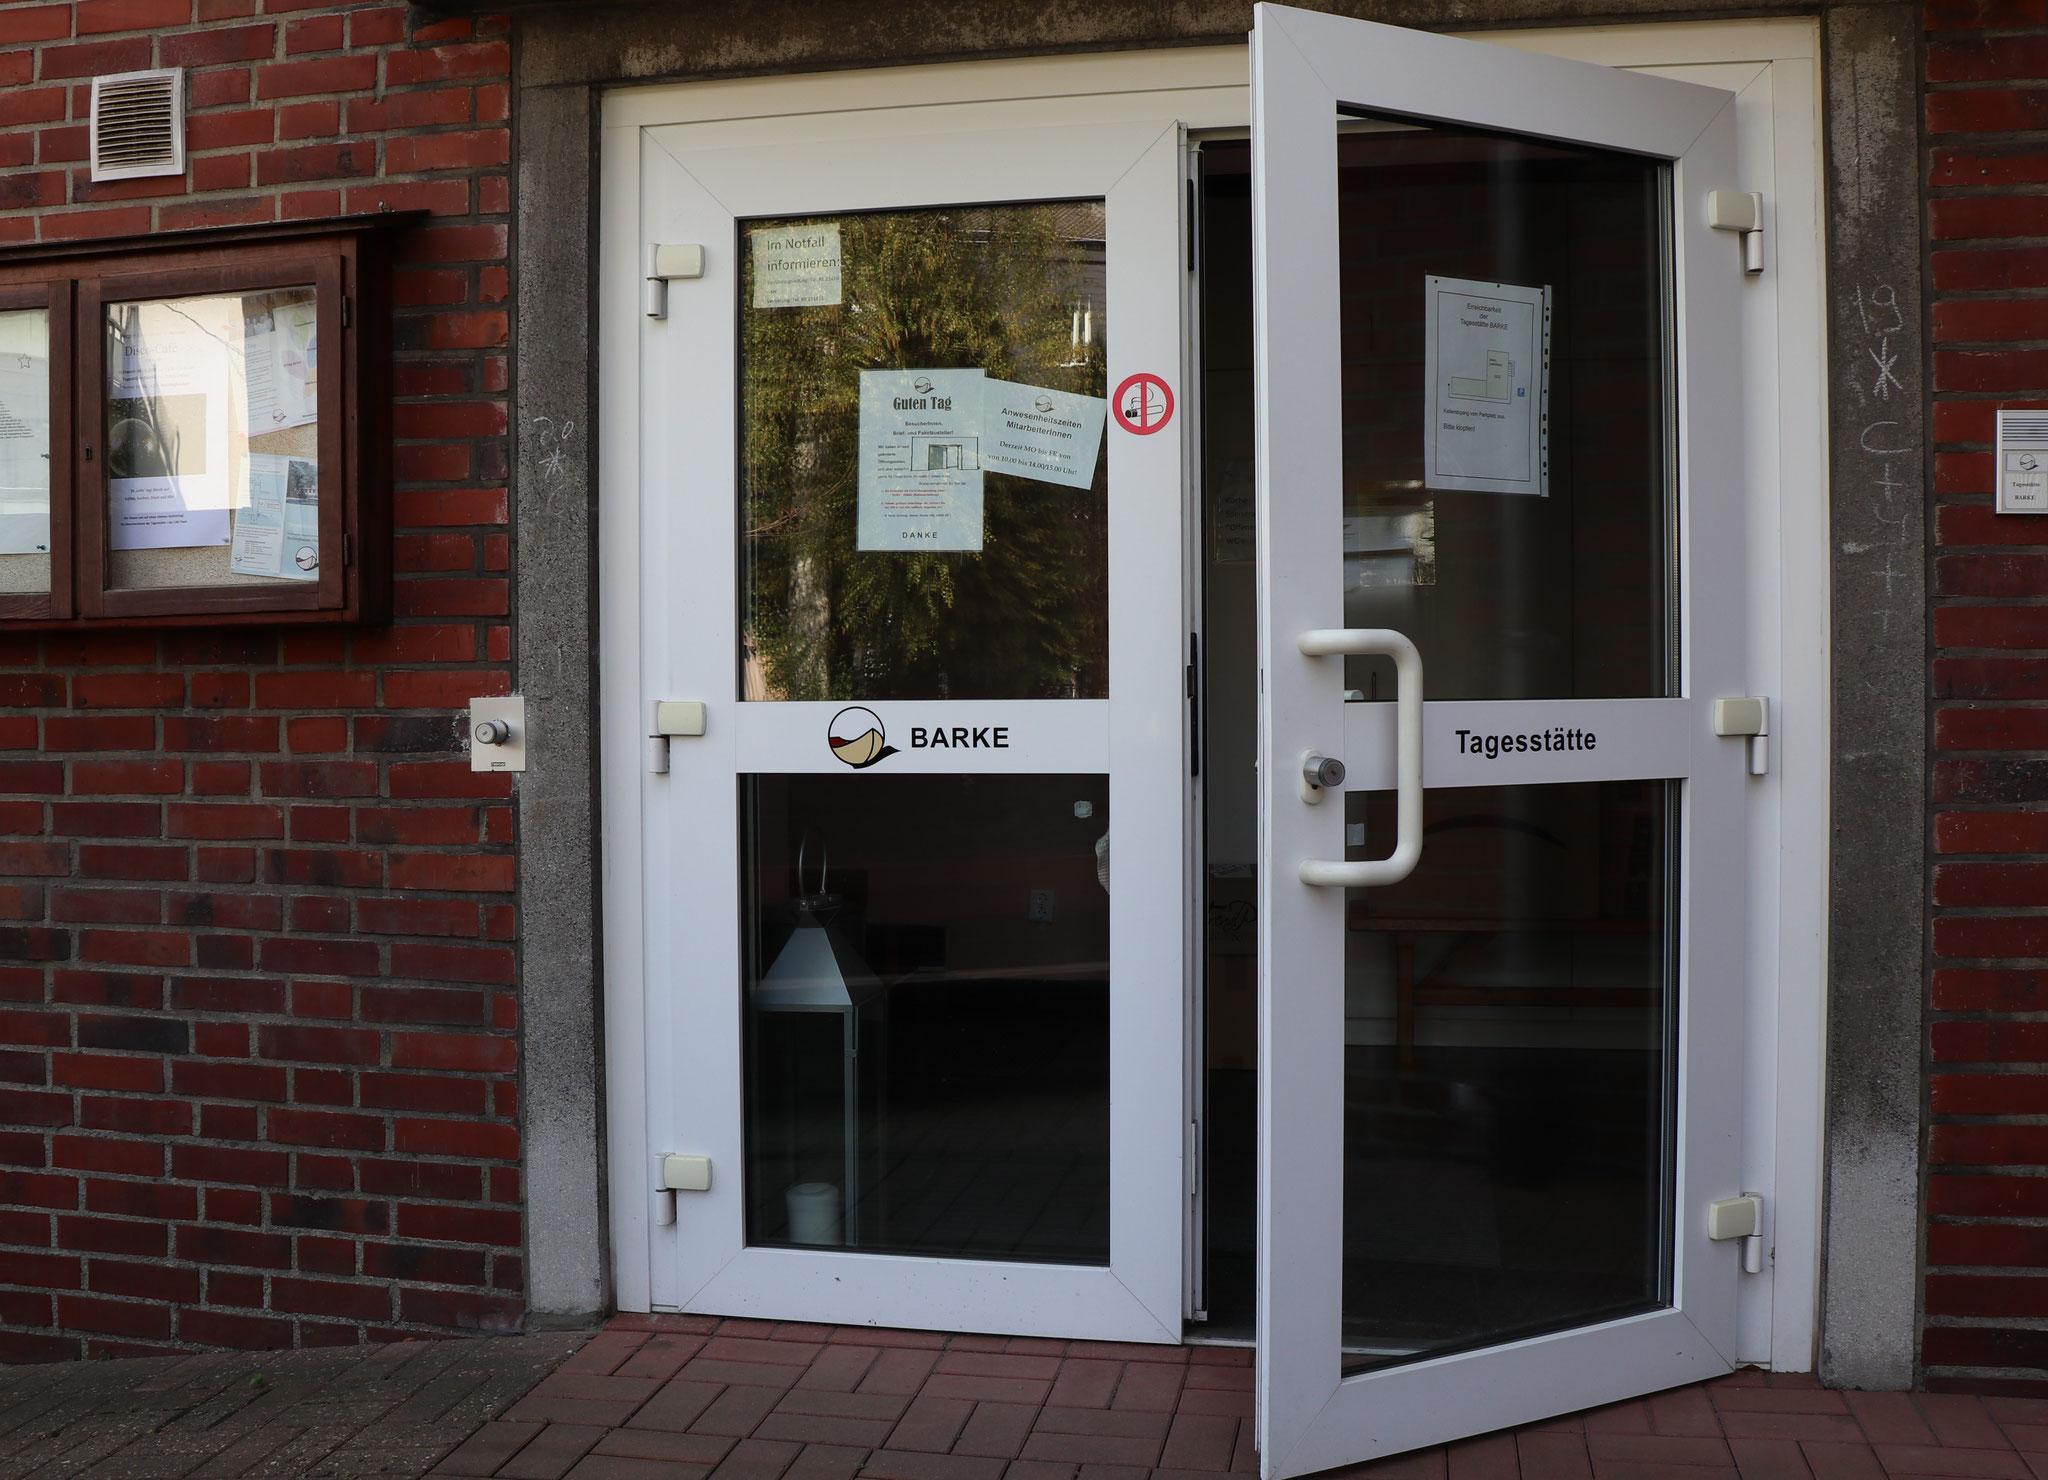 Eingang mit Auffahrt für Rollstuhl, Warenlieferungen... - wenn hier geschlossen ist, bitte weitergehen: Garten, Hintereingang